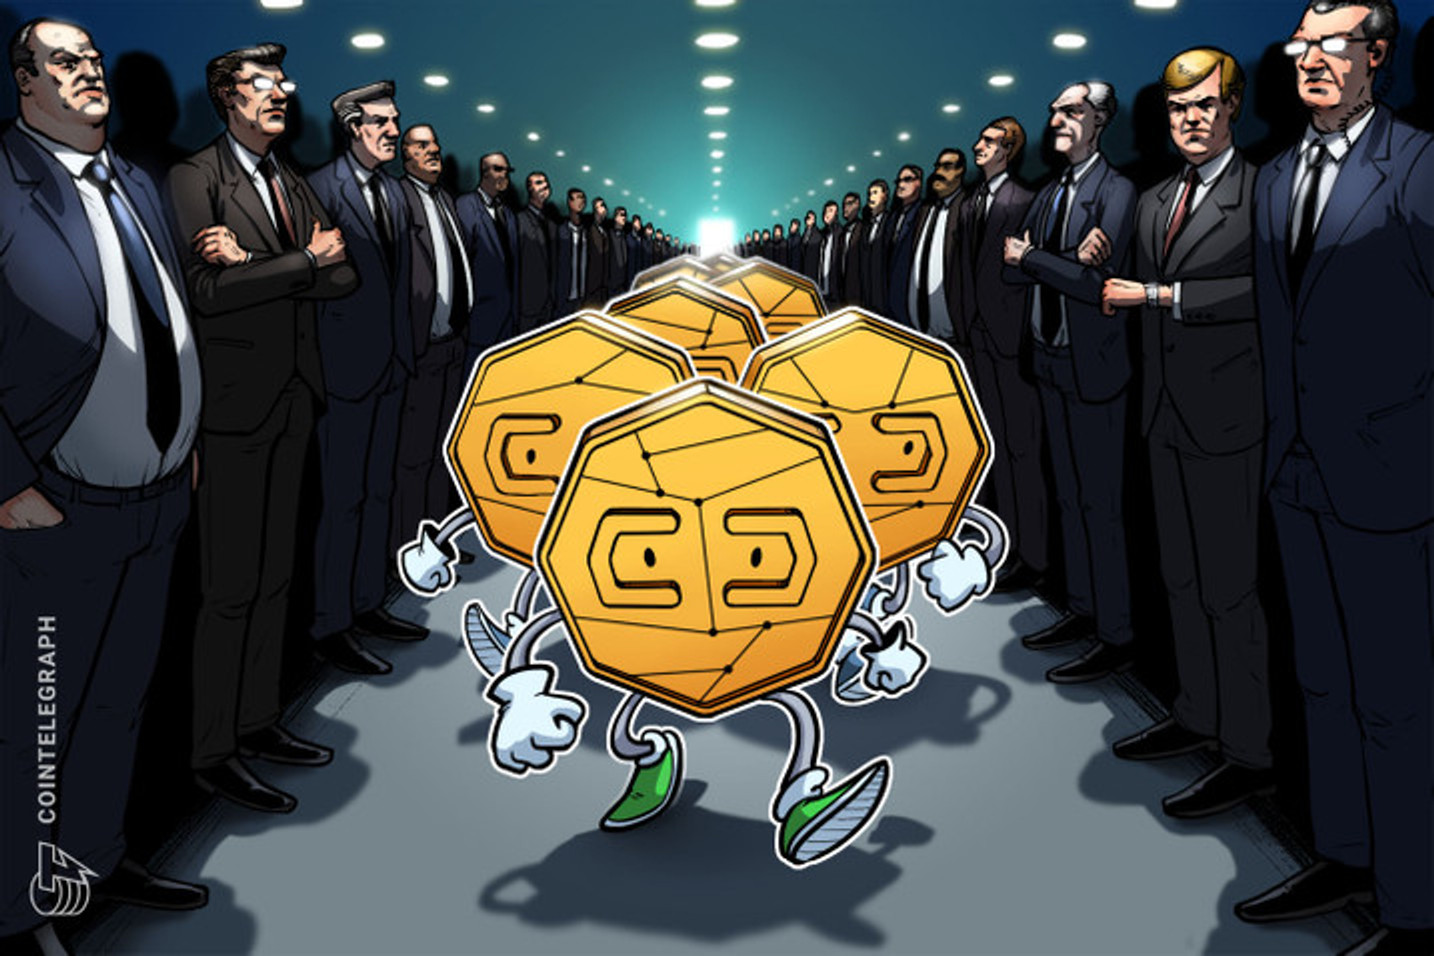 Una iniciativa educativa envió un monto en bitcoin a los diputados del Congreso de España